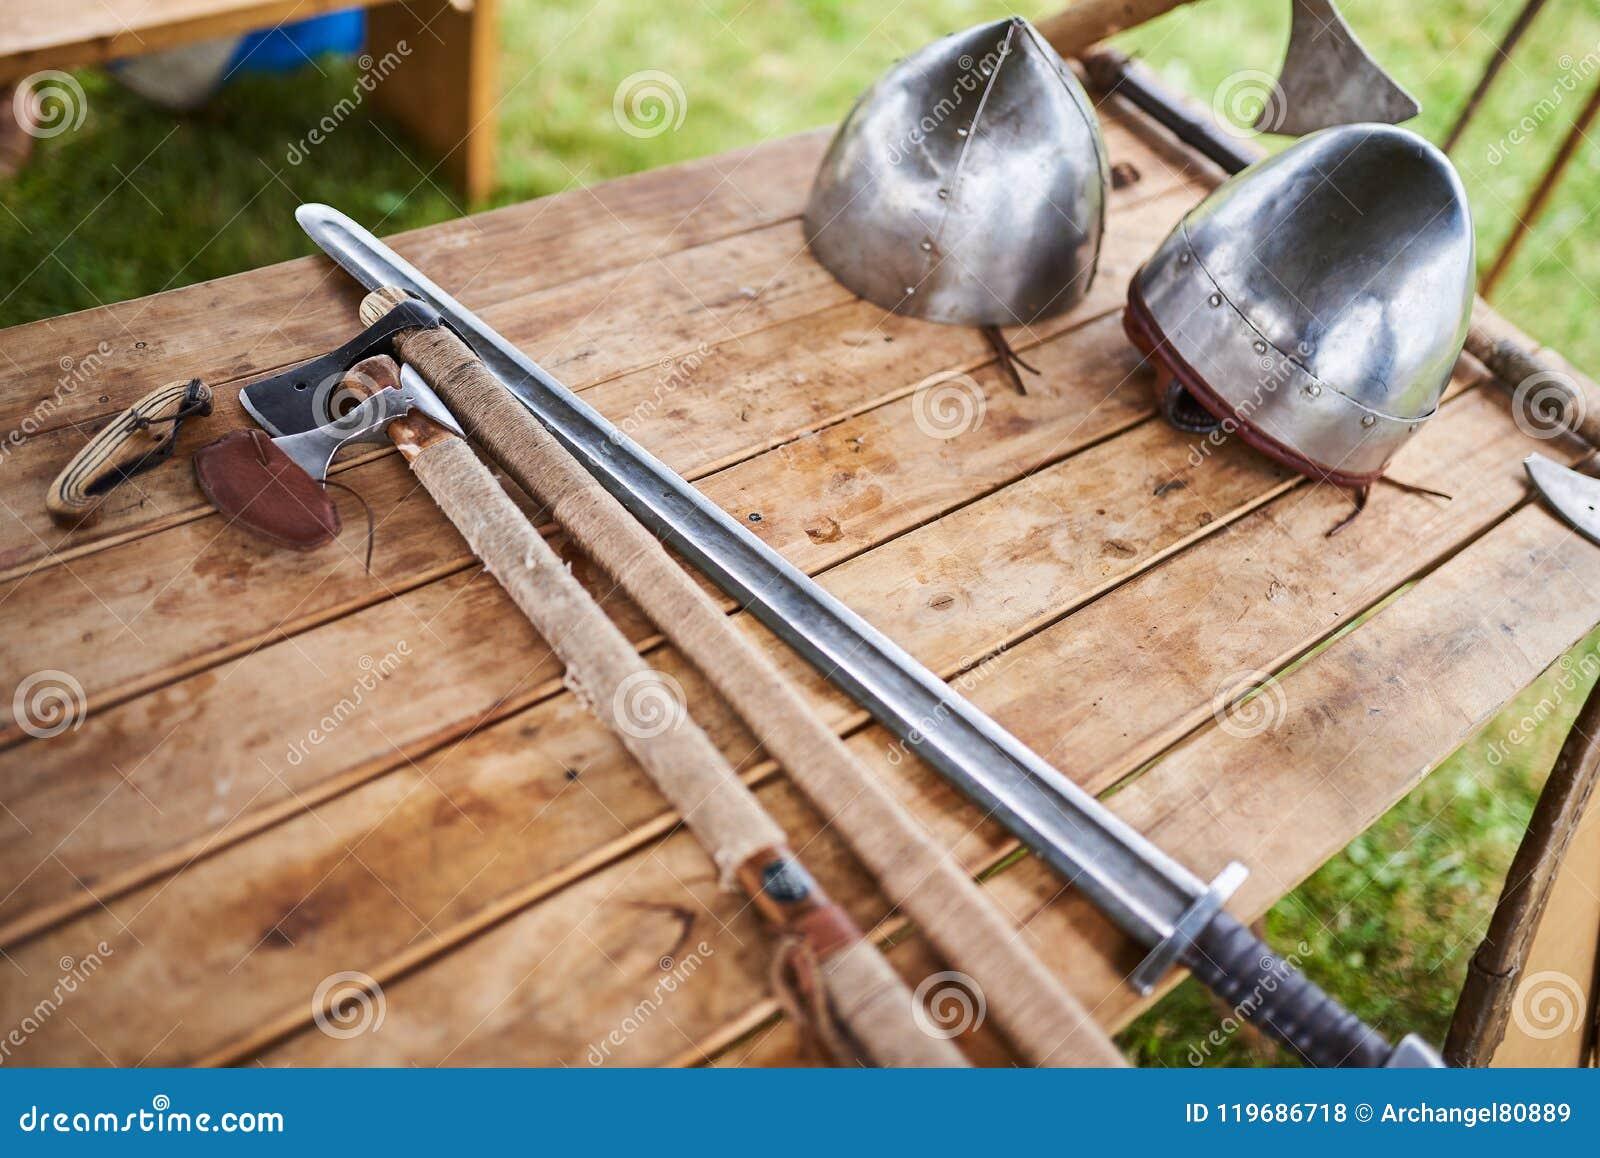 Средневековые оружия на деревянном столе